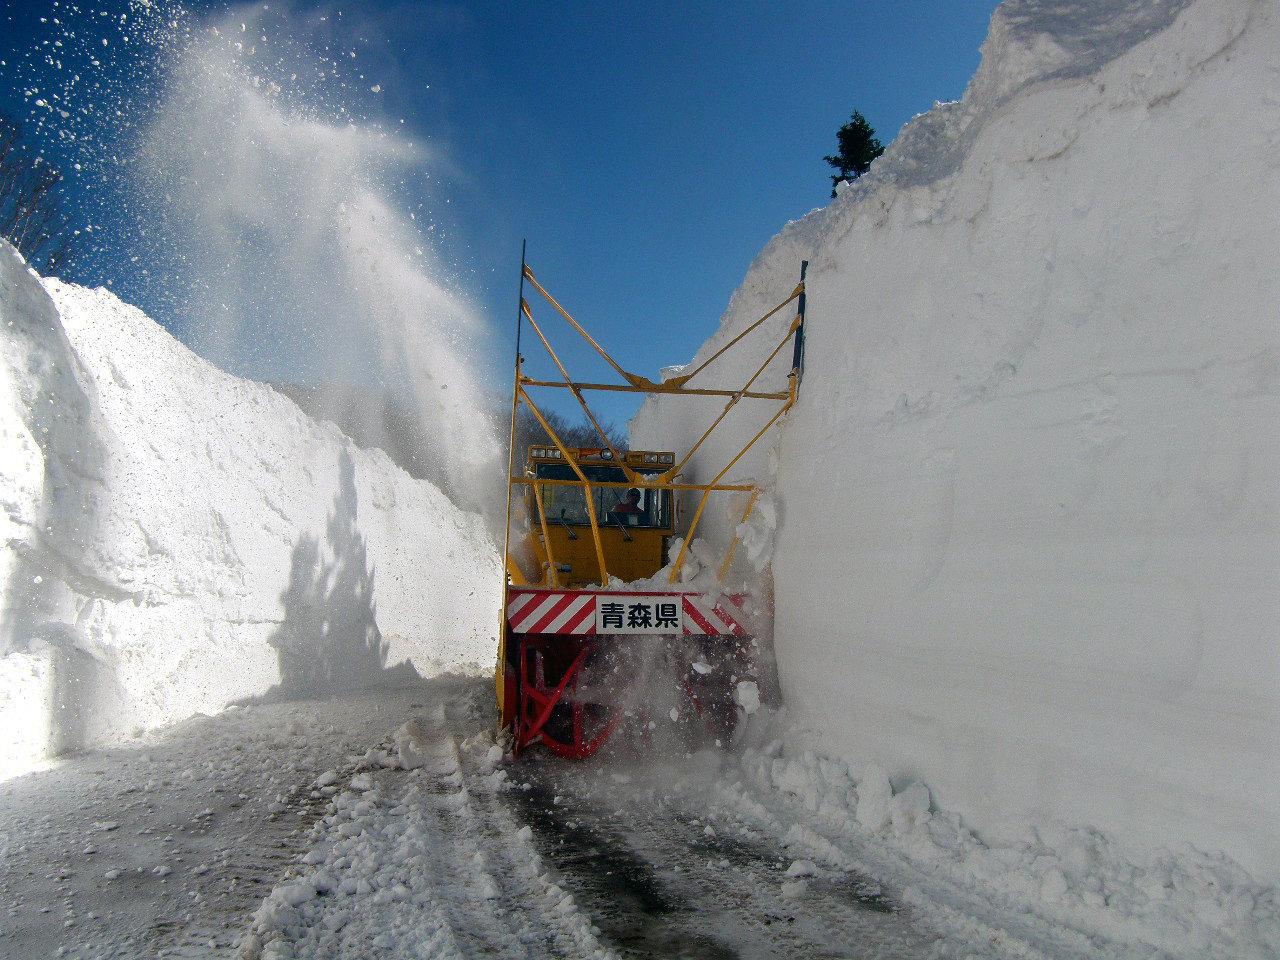 雪の回廊「壁づくり」